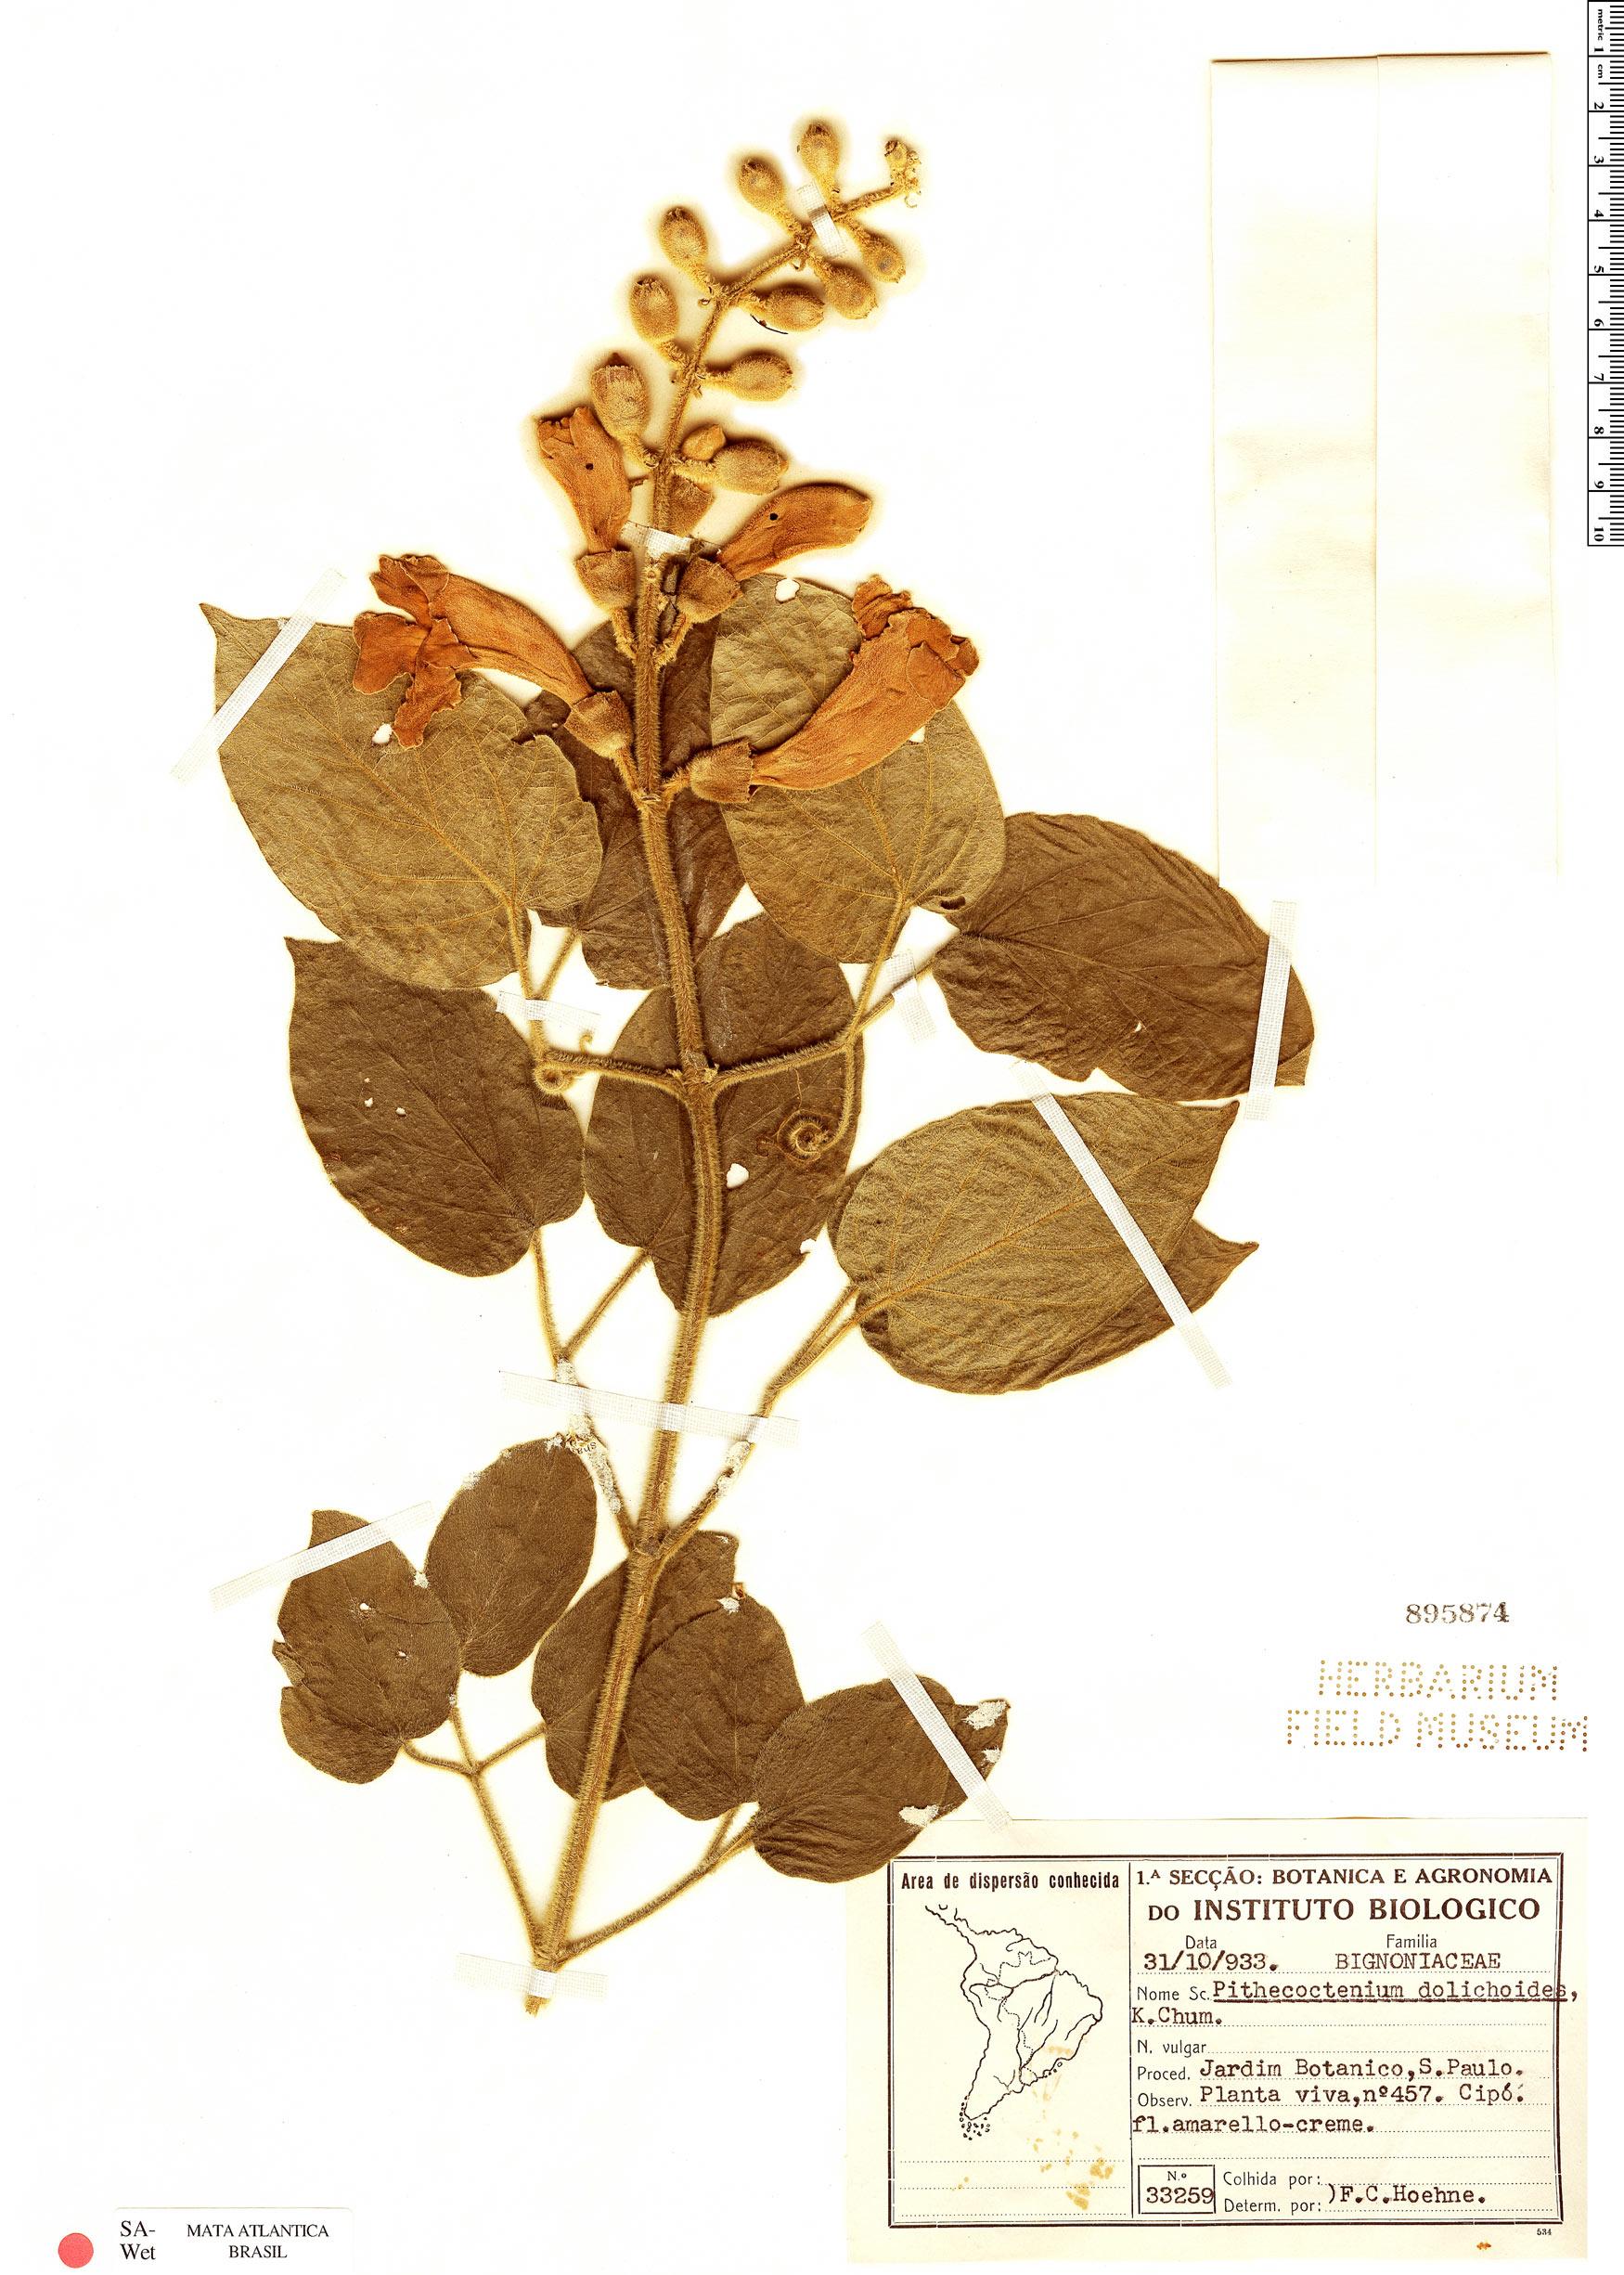 Specimen: Amphilophium dolichoides